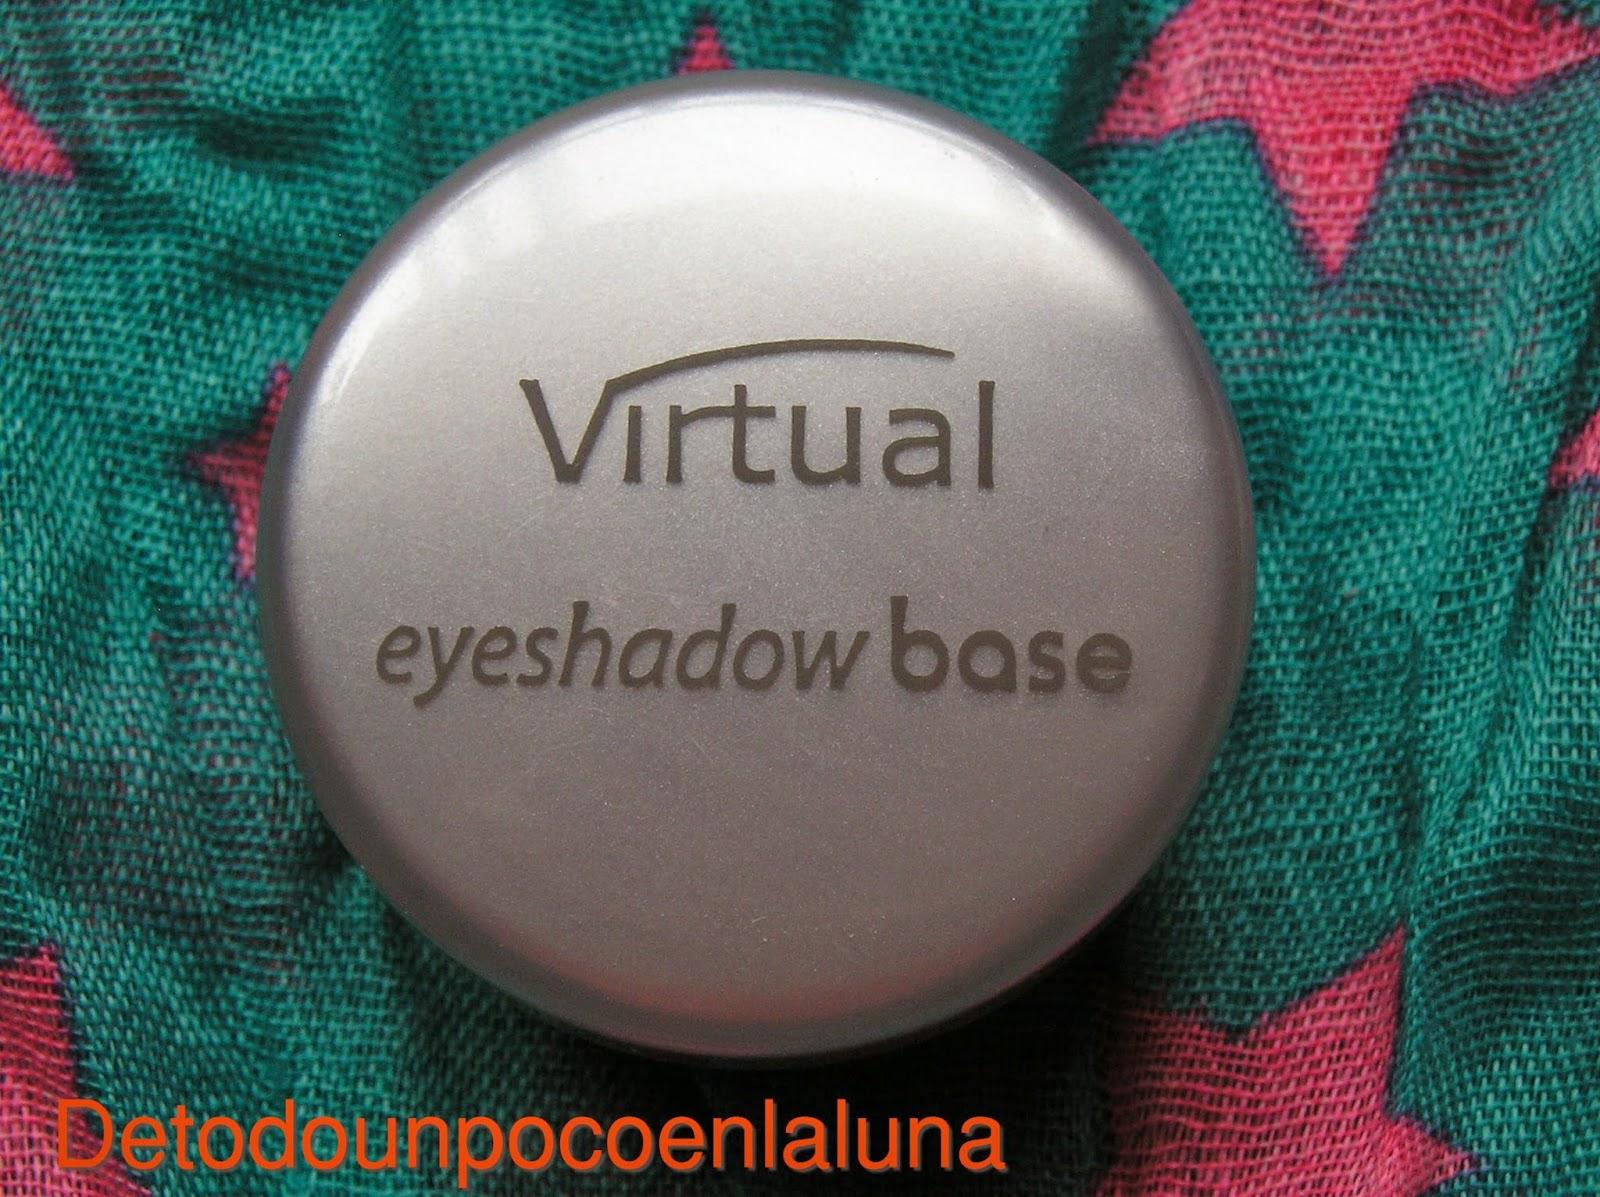 prebase de ojos virtual